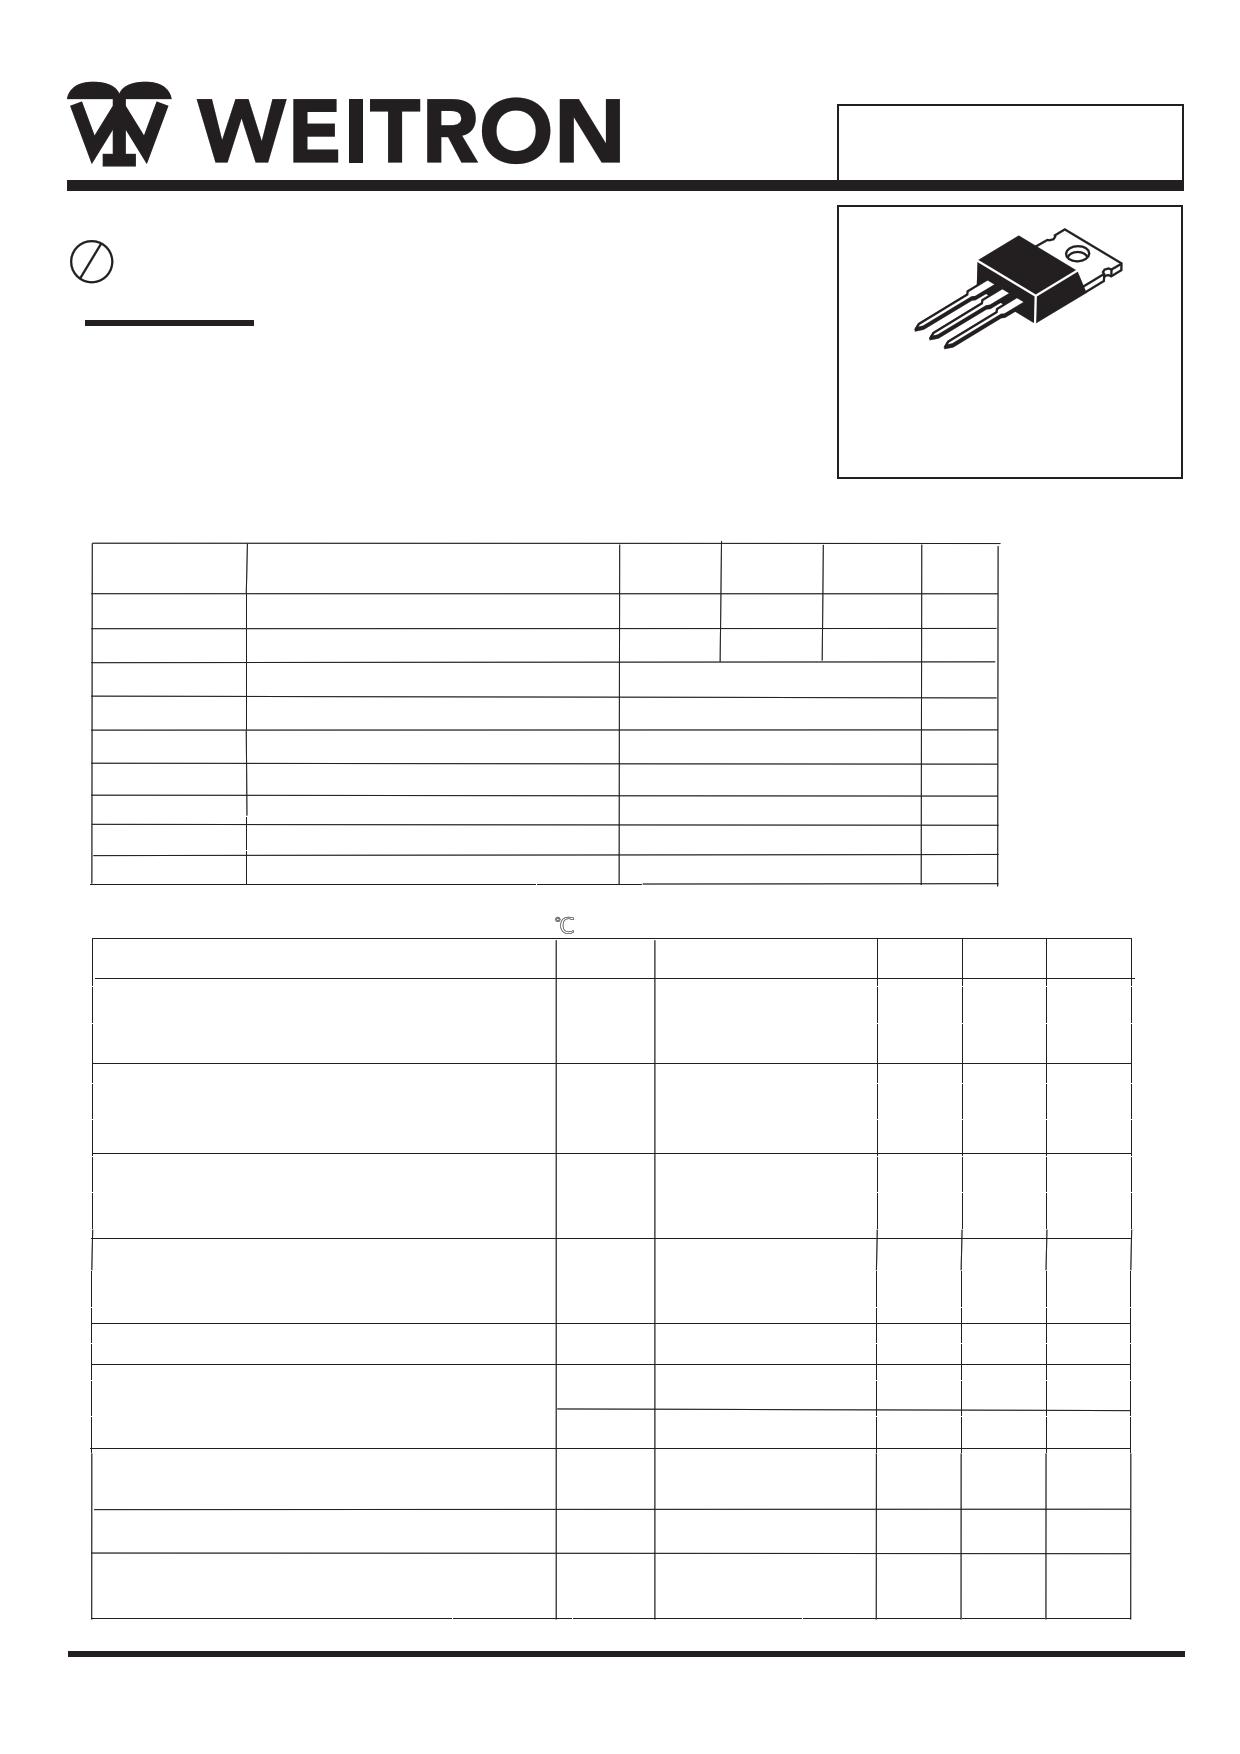 TIP120 datasheet image